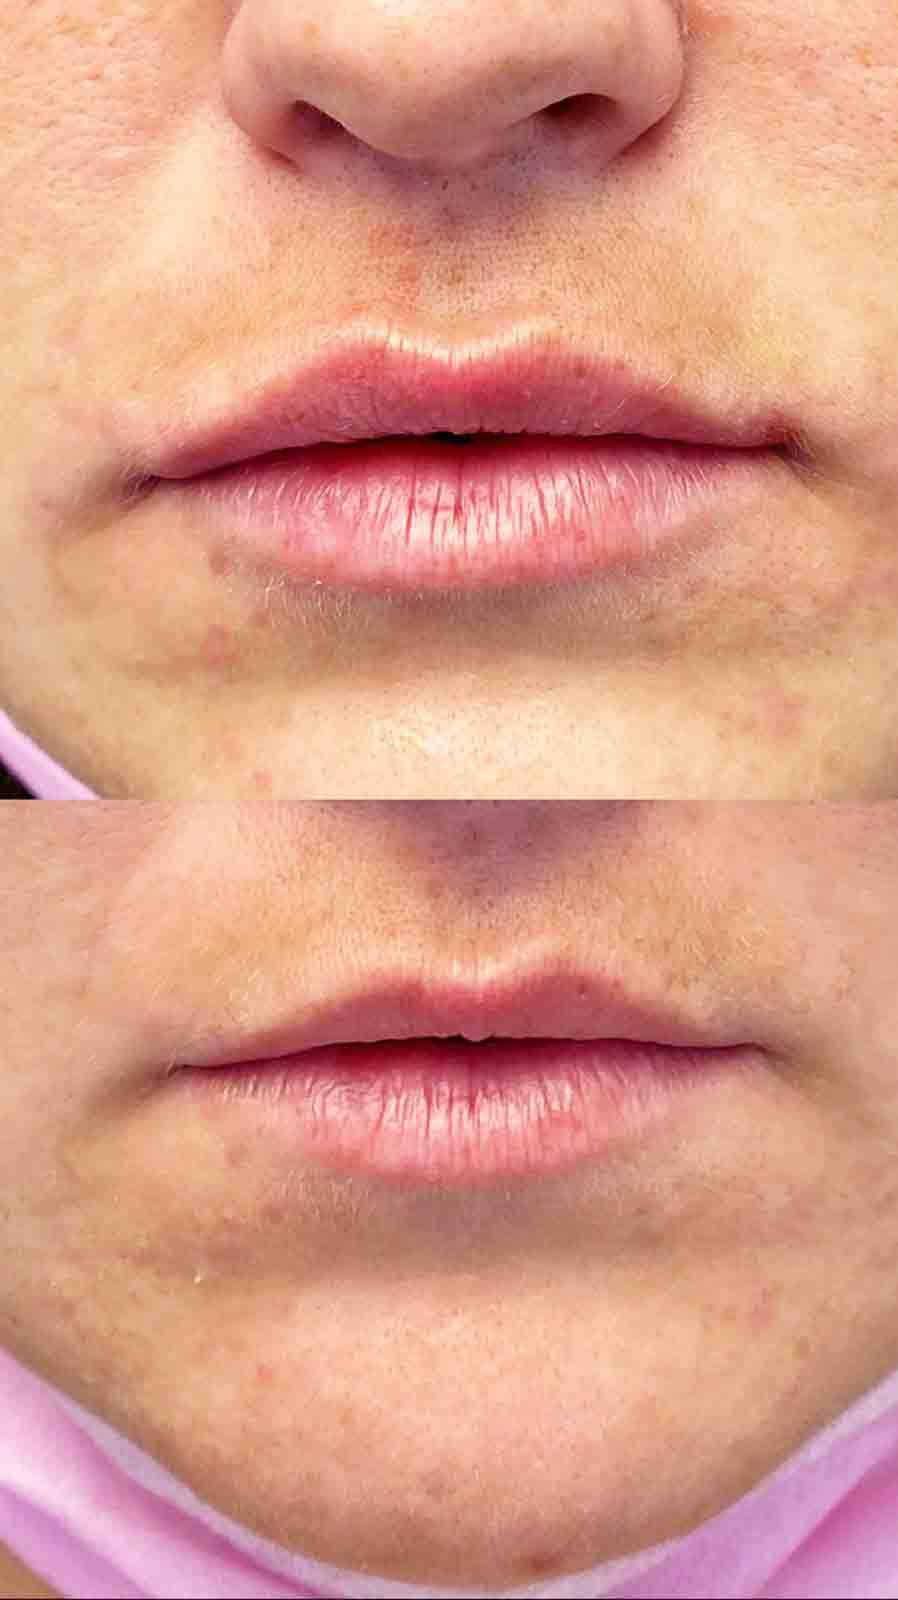 עיצוב שפתיים - לפני אחרי